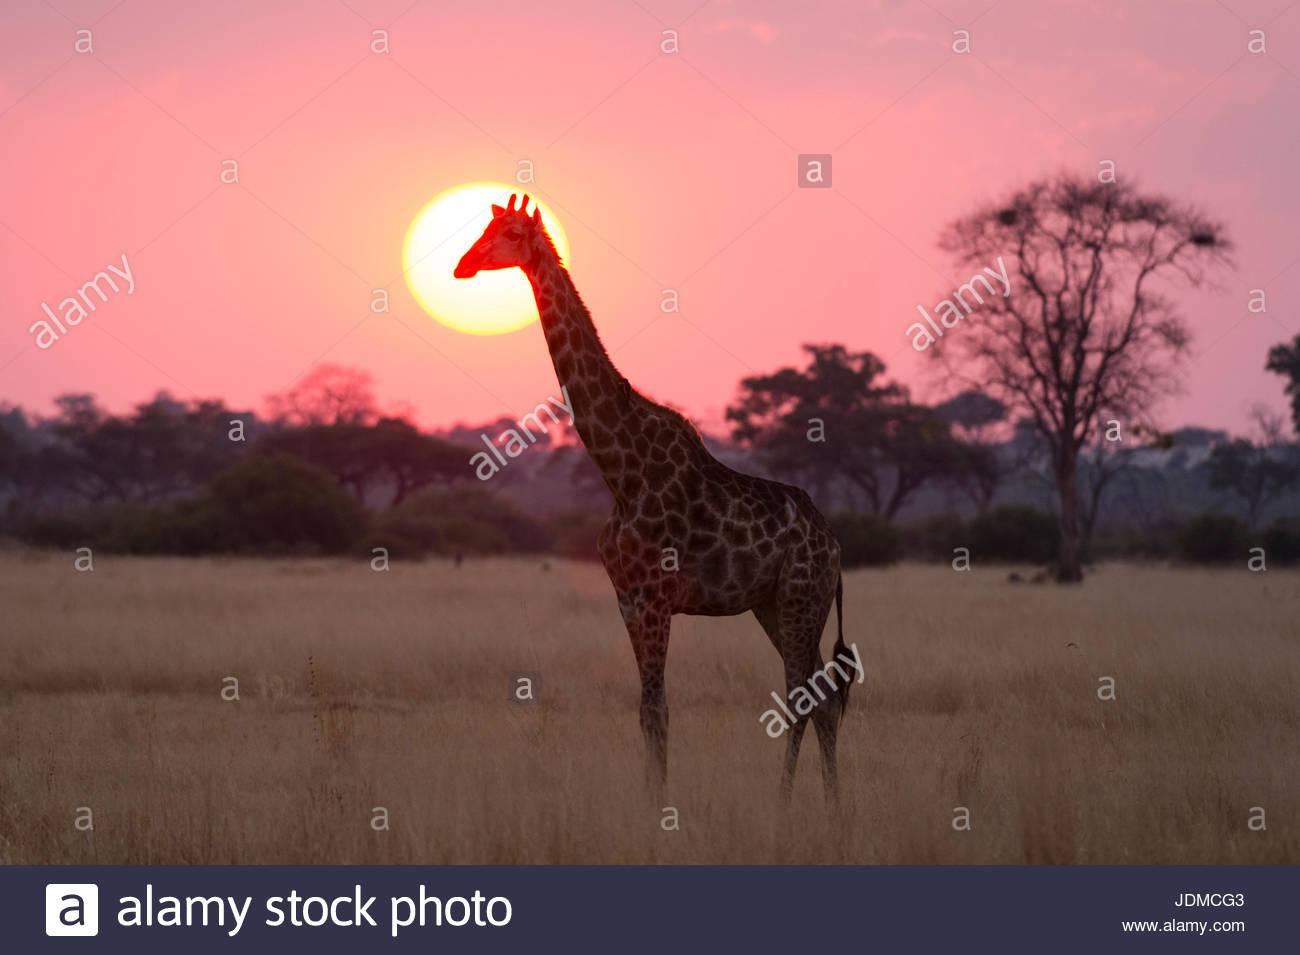 Une girafe, Giraffa camelopardalis, au coucher du soleil. Photo Stock